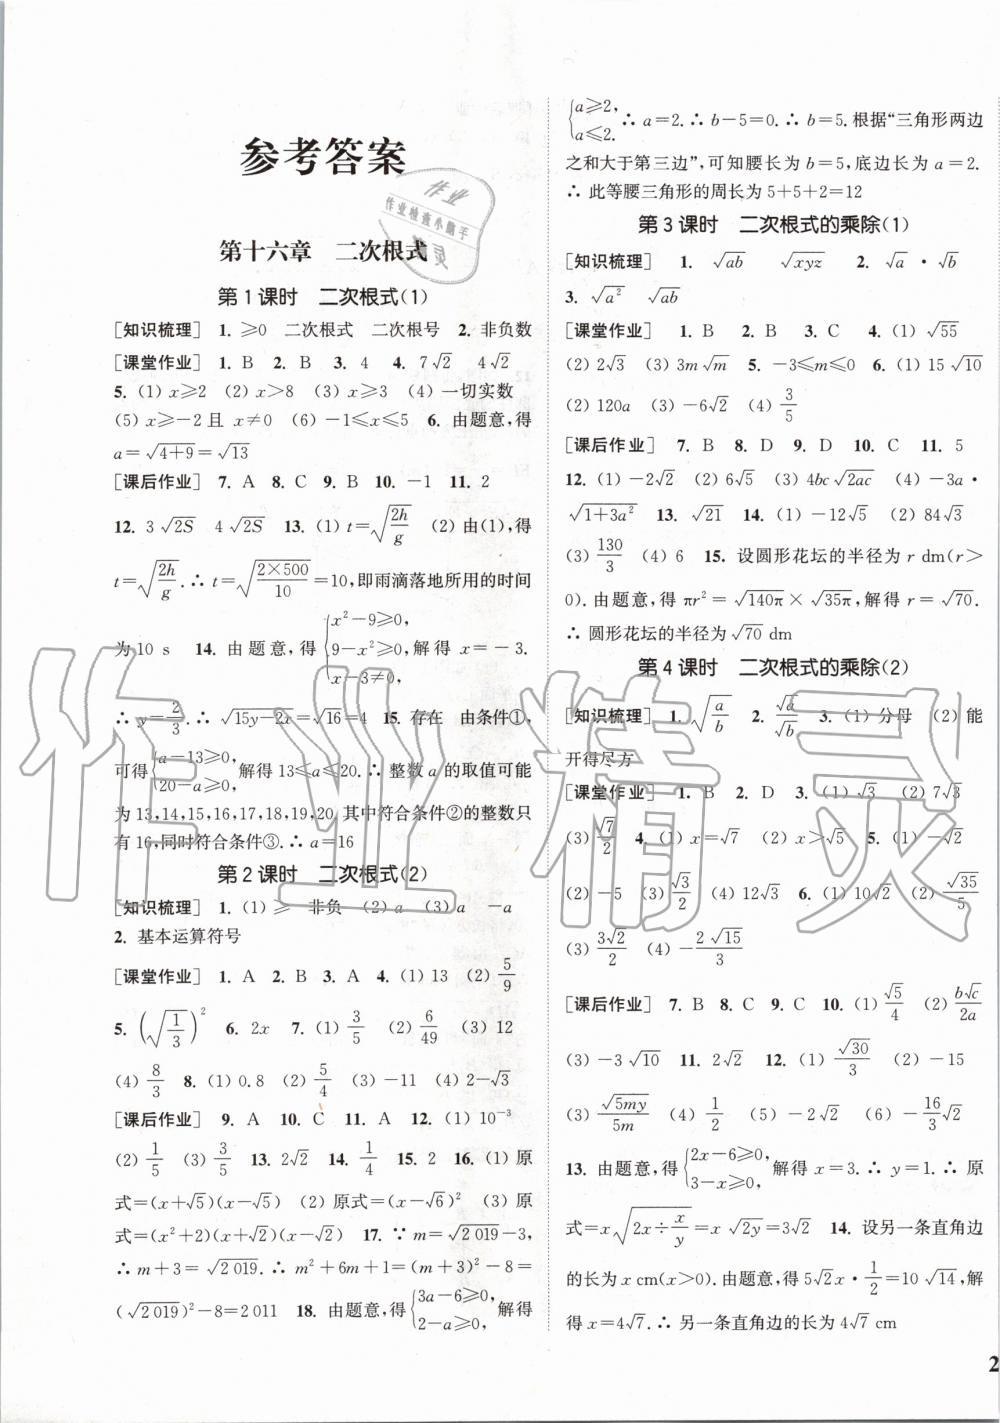 2020年通城学典课时作业本八年级数学下册人教版第1页